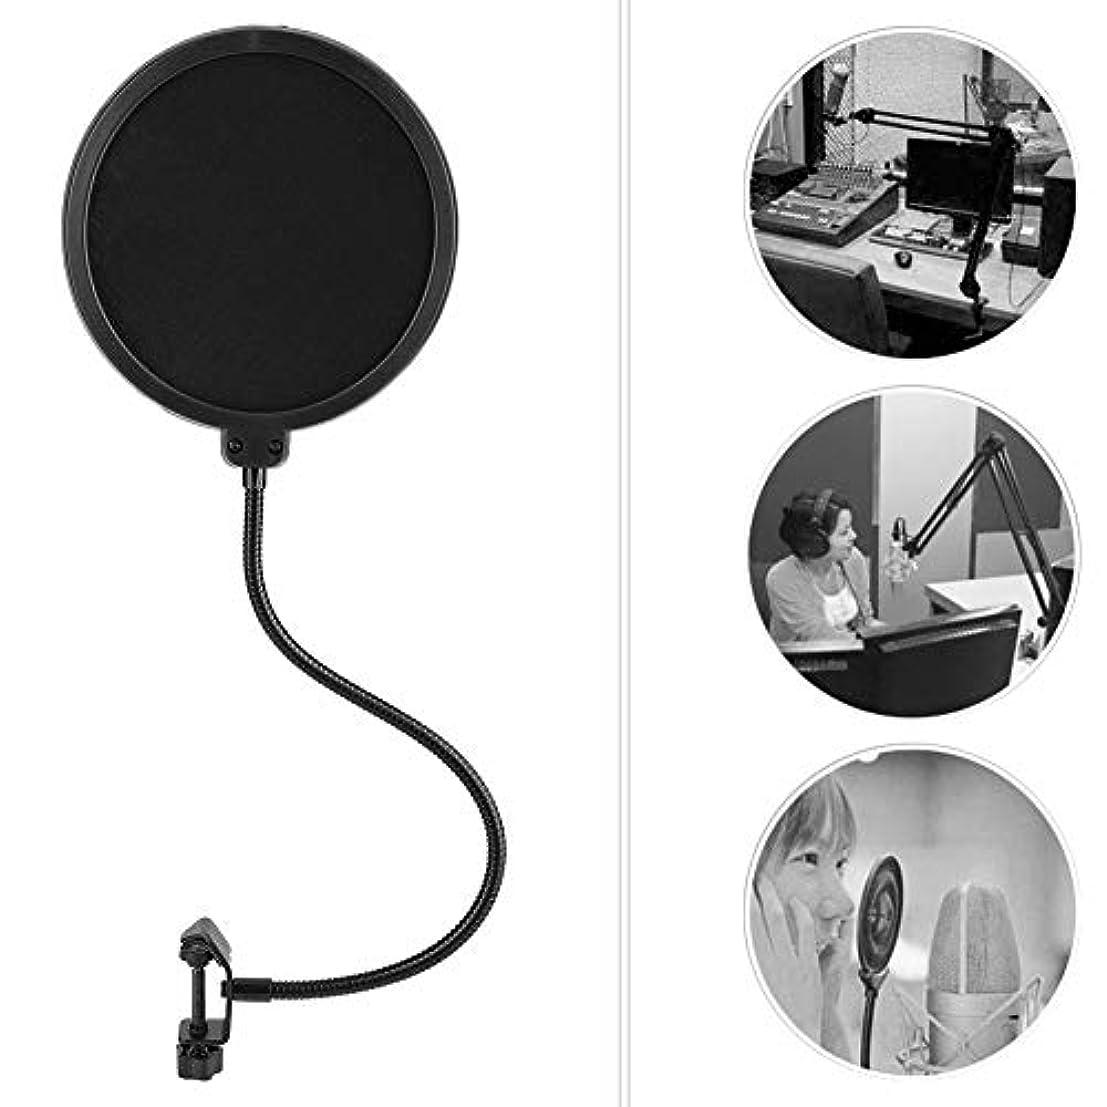 行政想定手数料6インチ Mugast 円形ウインドポップフィルターマスクシールド 360度回転 小型 スタジオマイク用 スタンドクリップ付き コンデンサーマイク用 録音最適